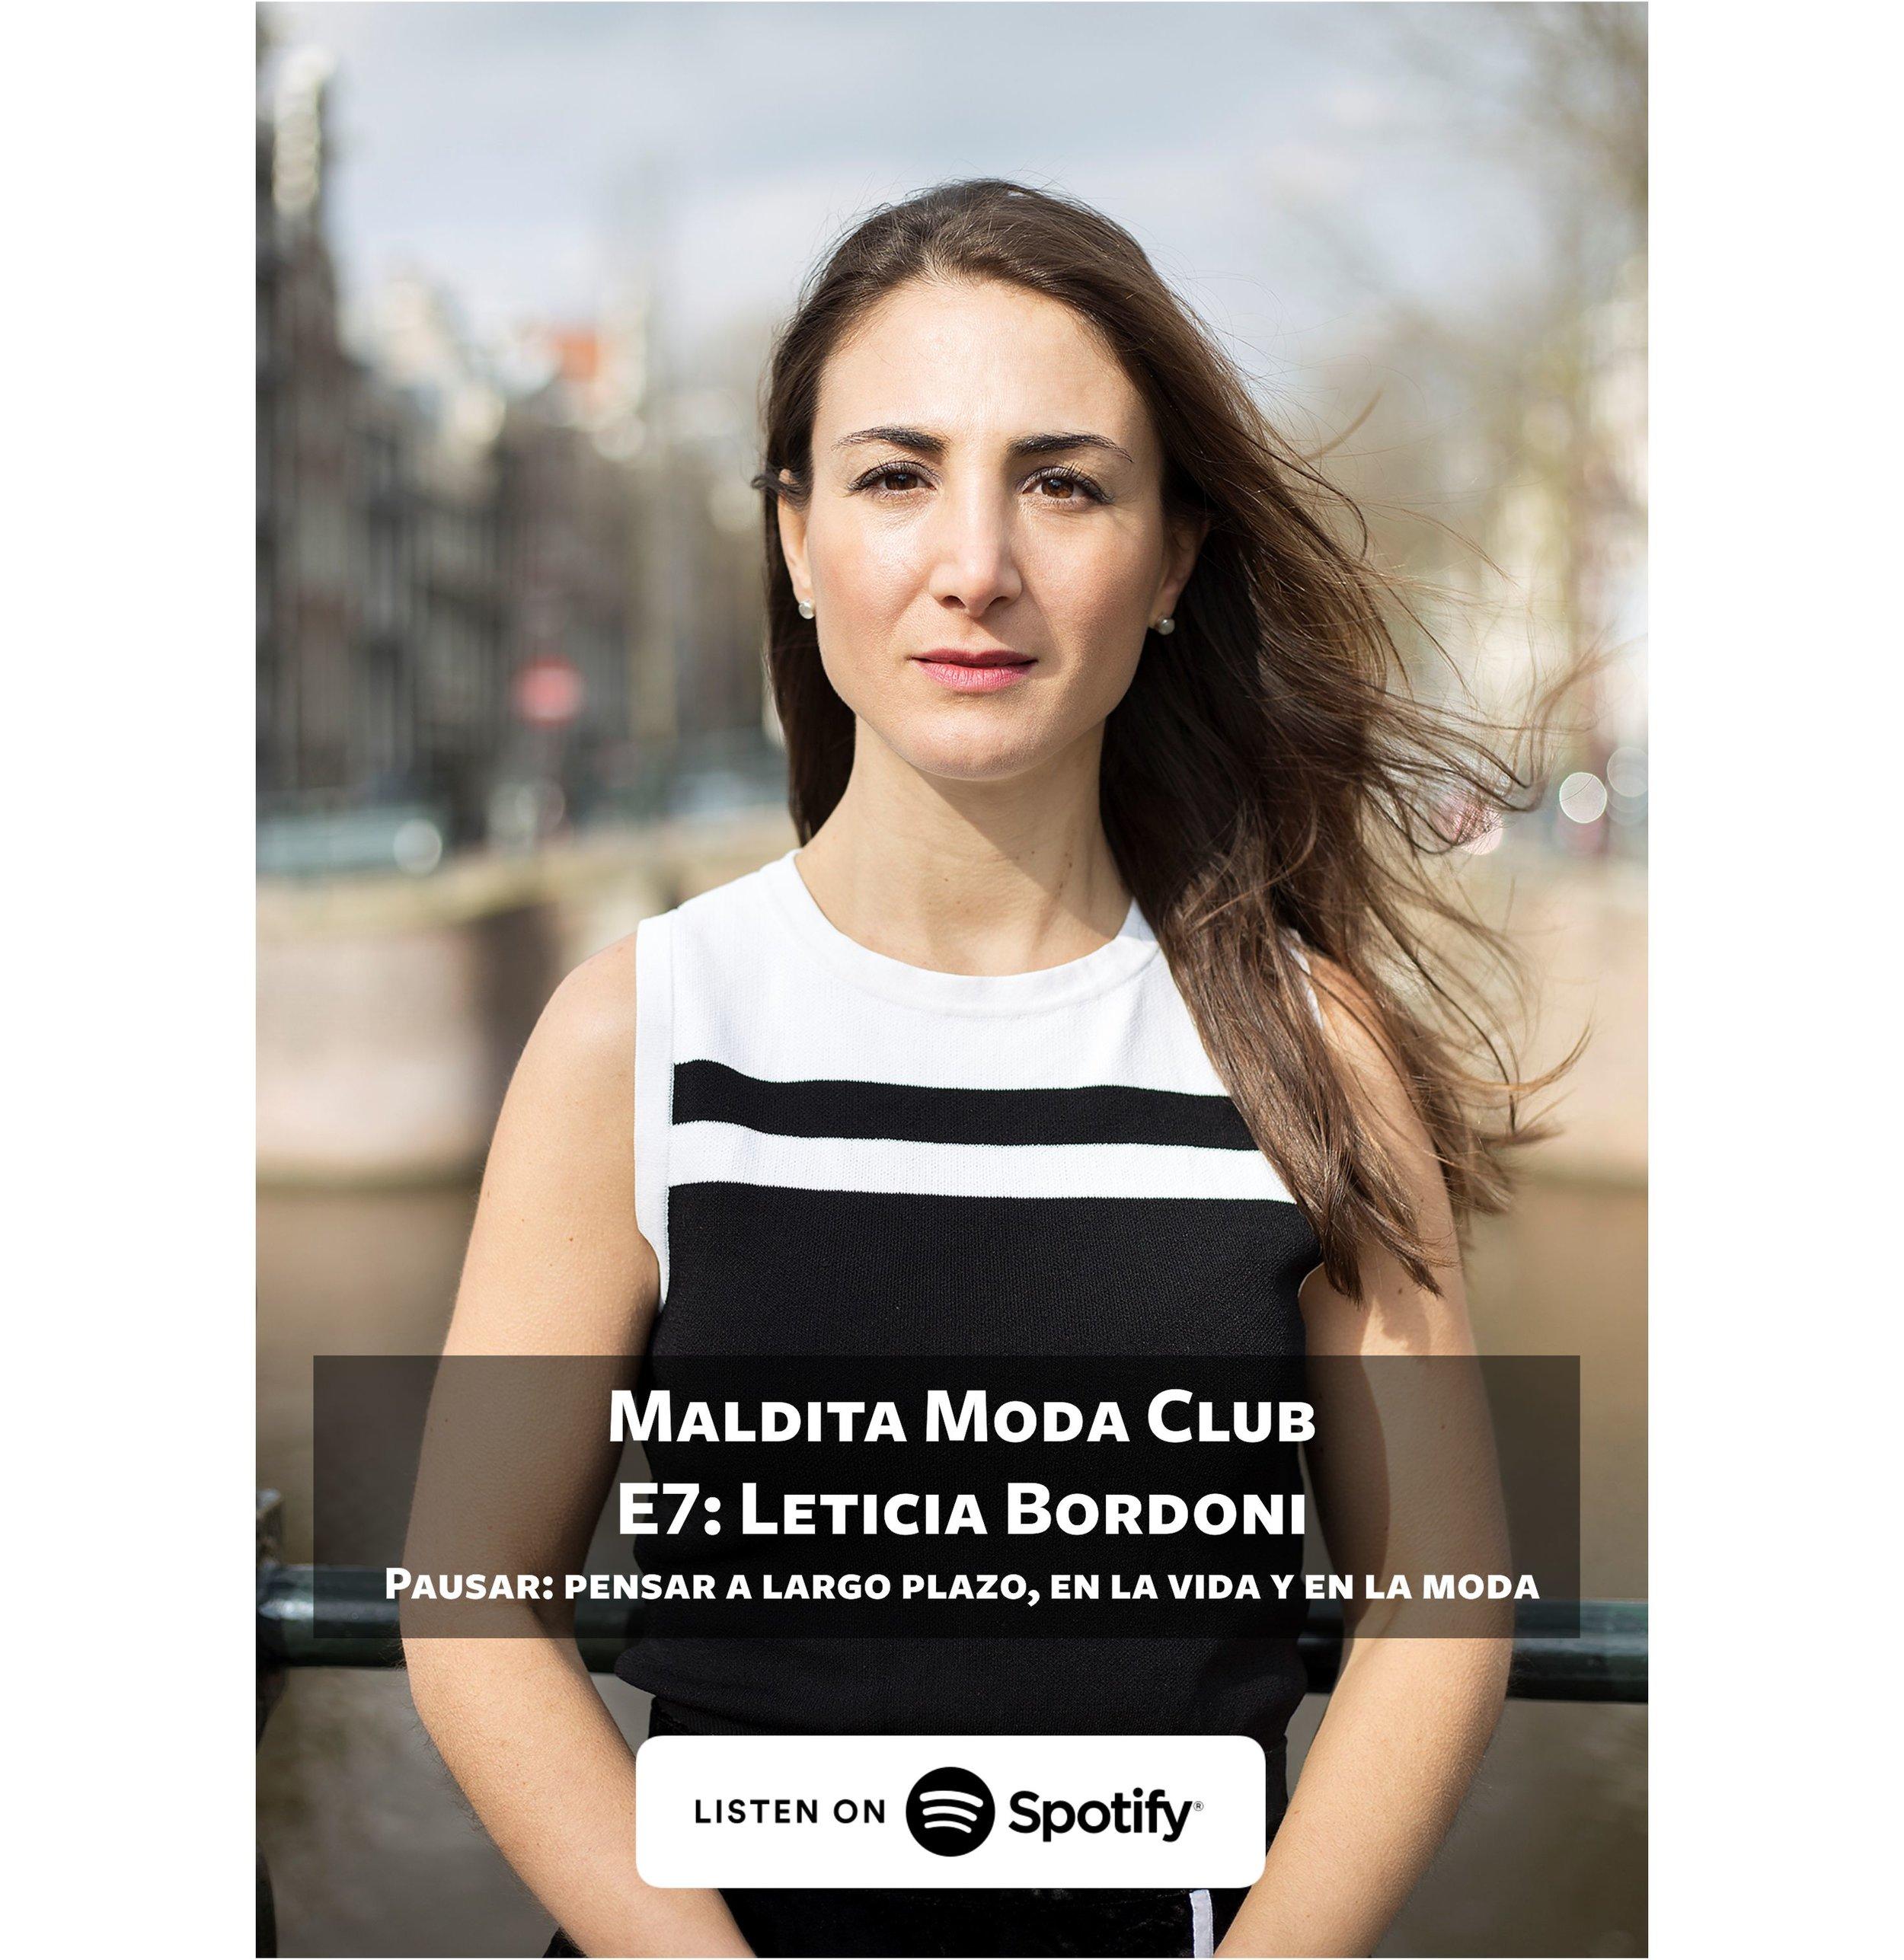 Leticia Bordoni